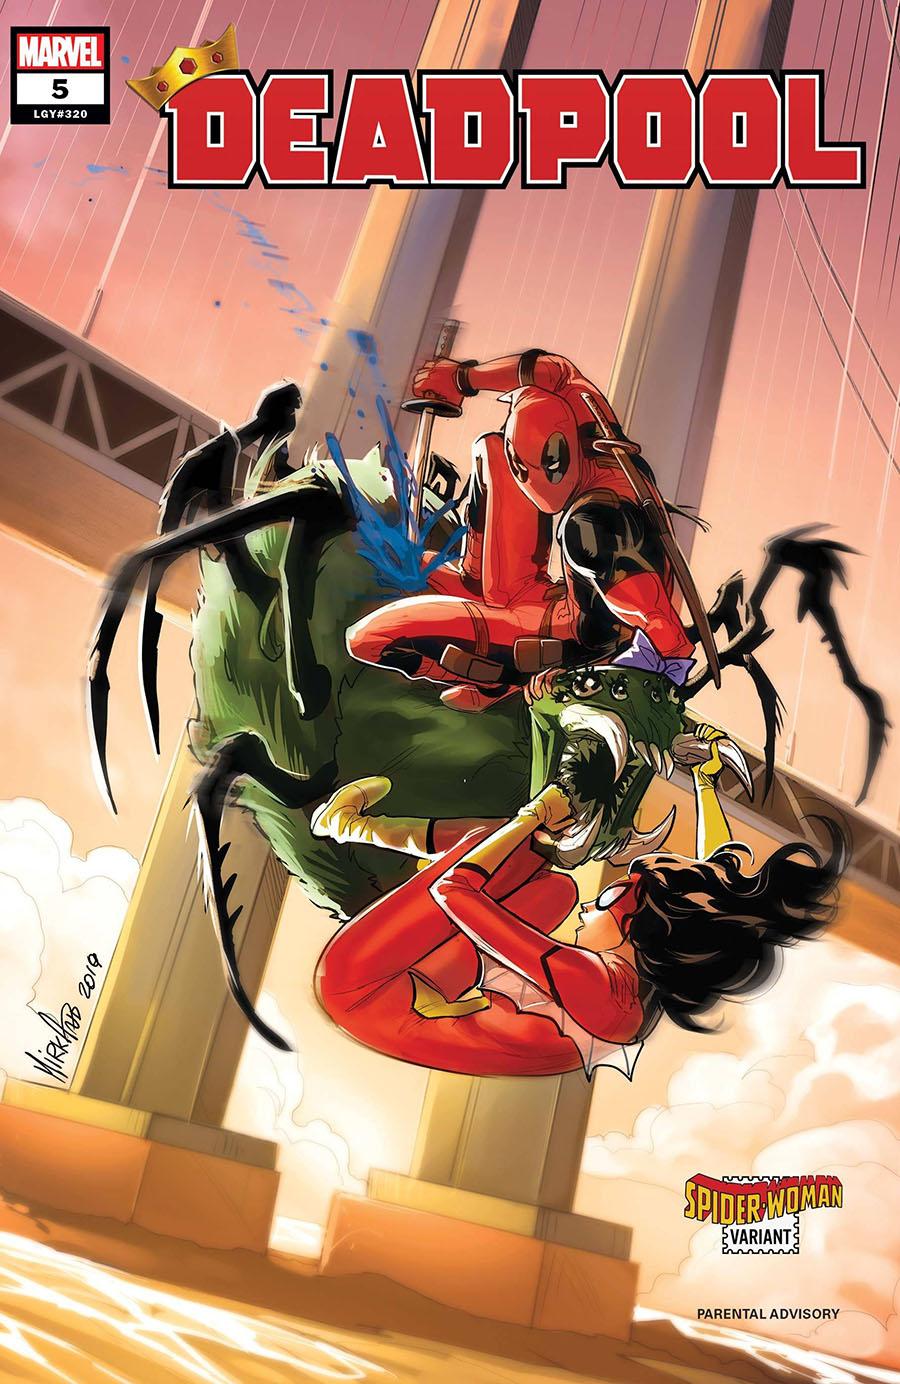 Deadpool Vol 7 #5 Cover B Variant Mirka Andolfo Spider-Woman Cover